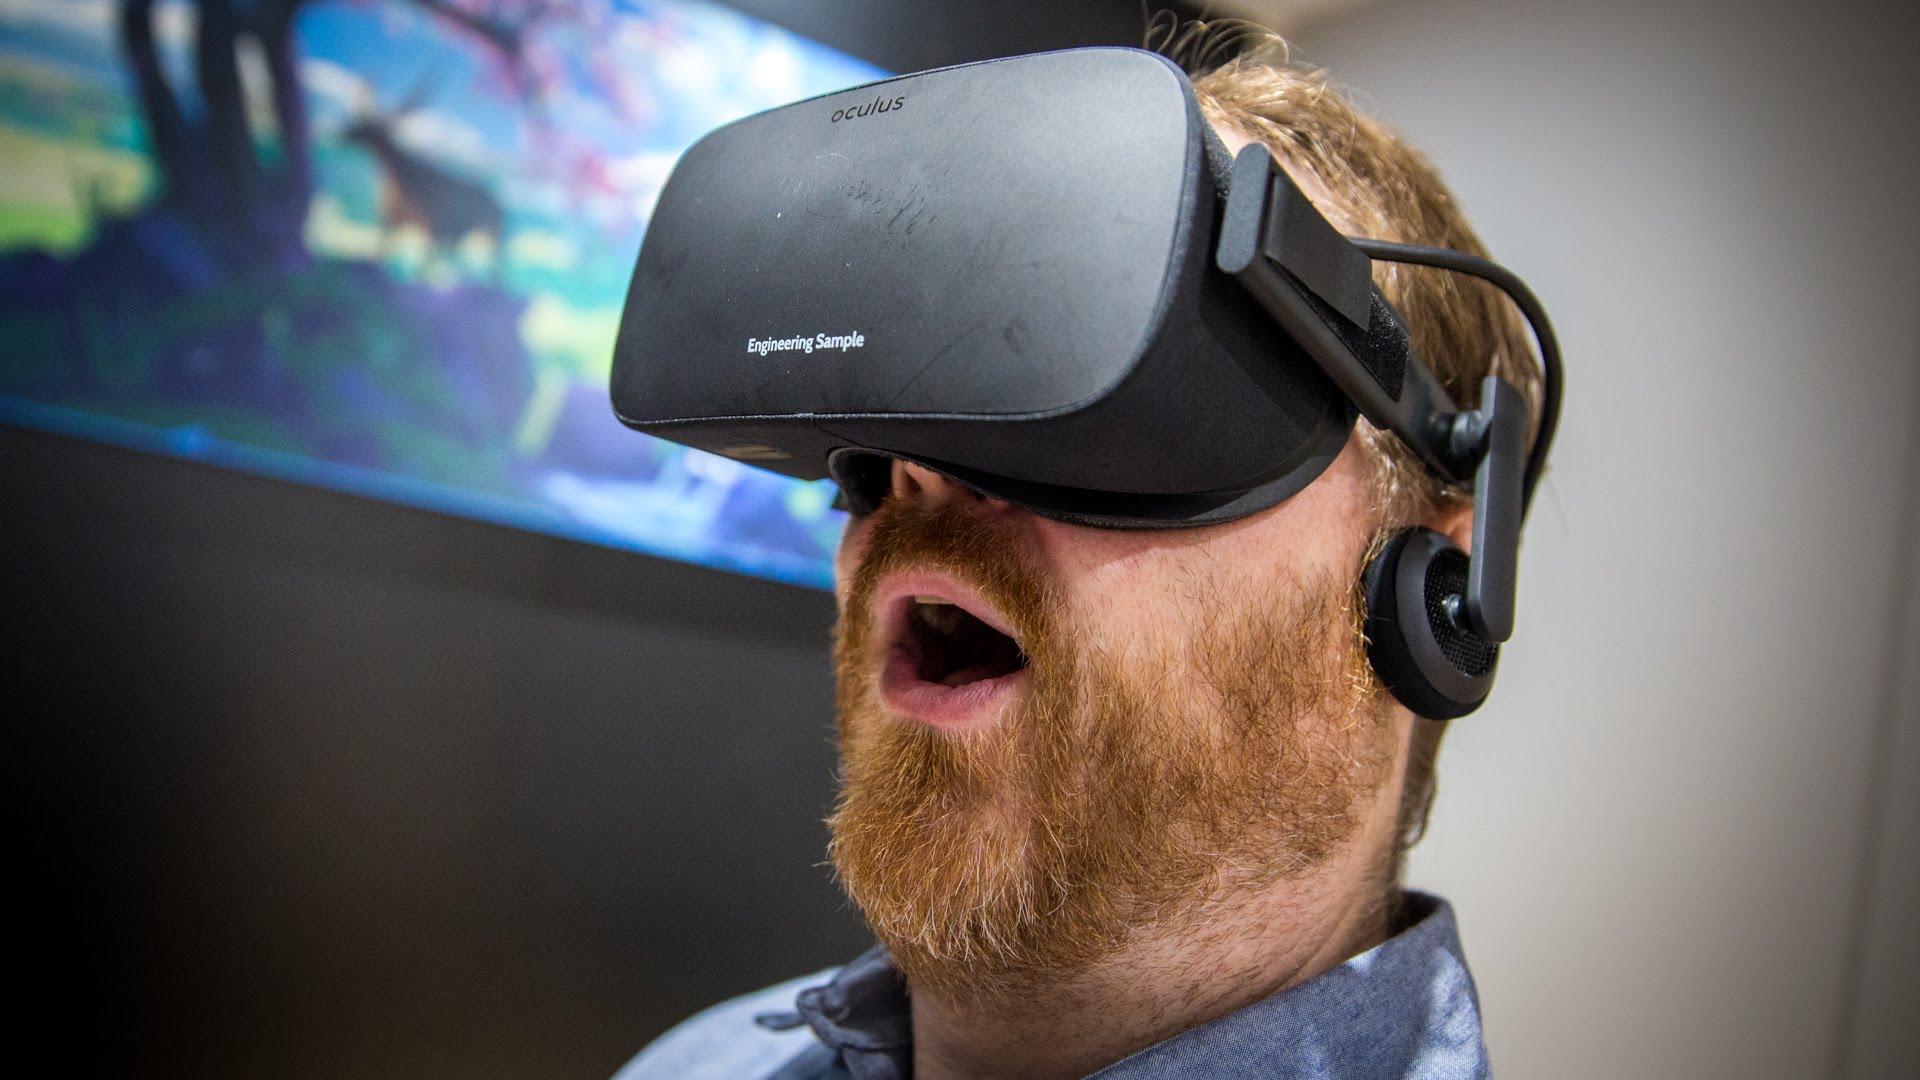 Avant première: Développement de projets pédagogiques en réalité Virtuelle avec l'Oculus Rift CV1